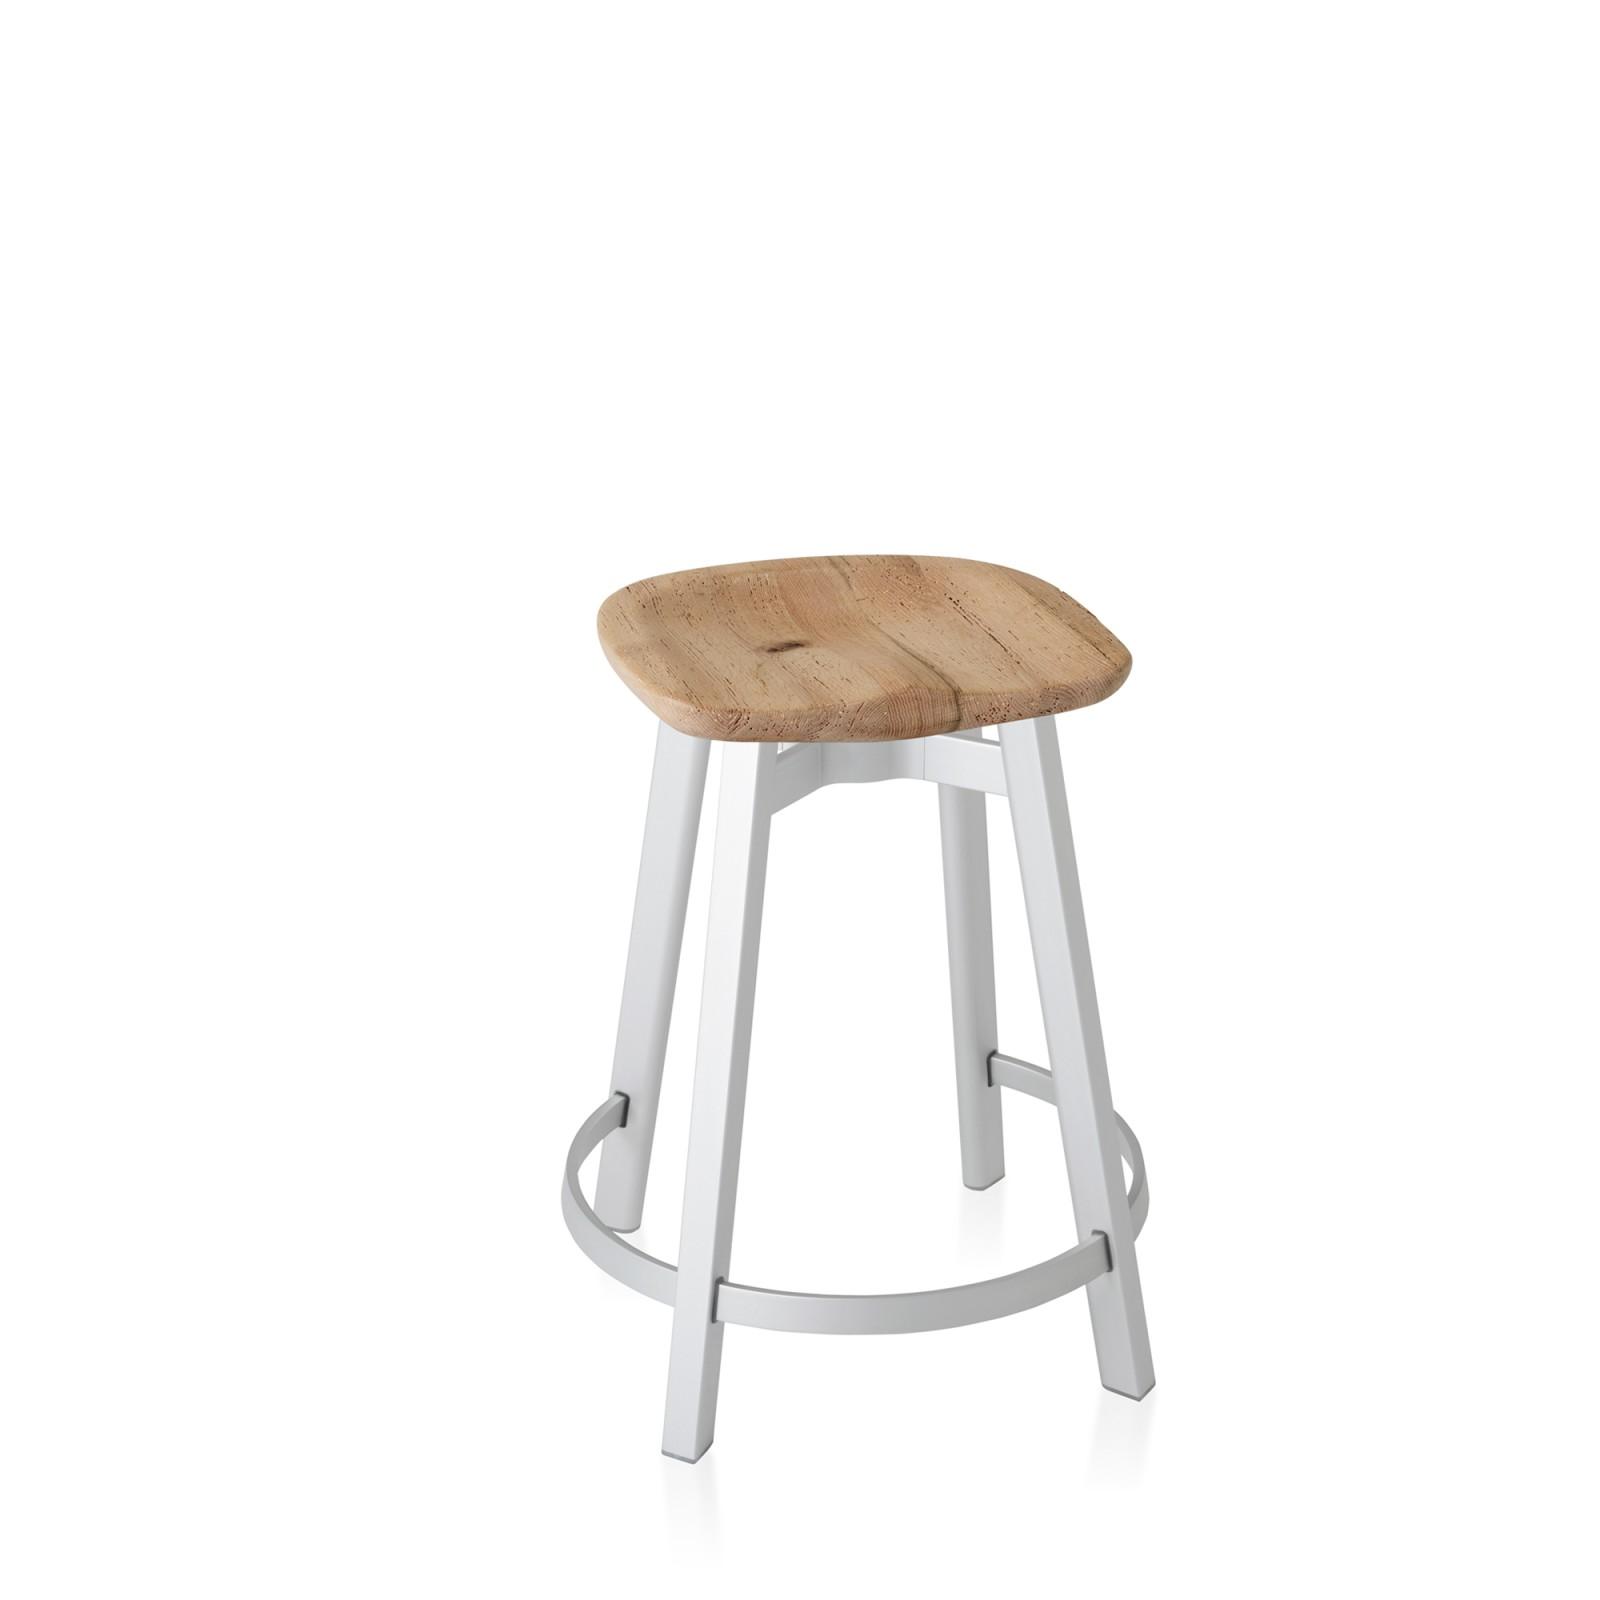 Su Counter Stool Aluminium, Oak